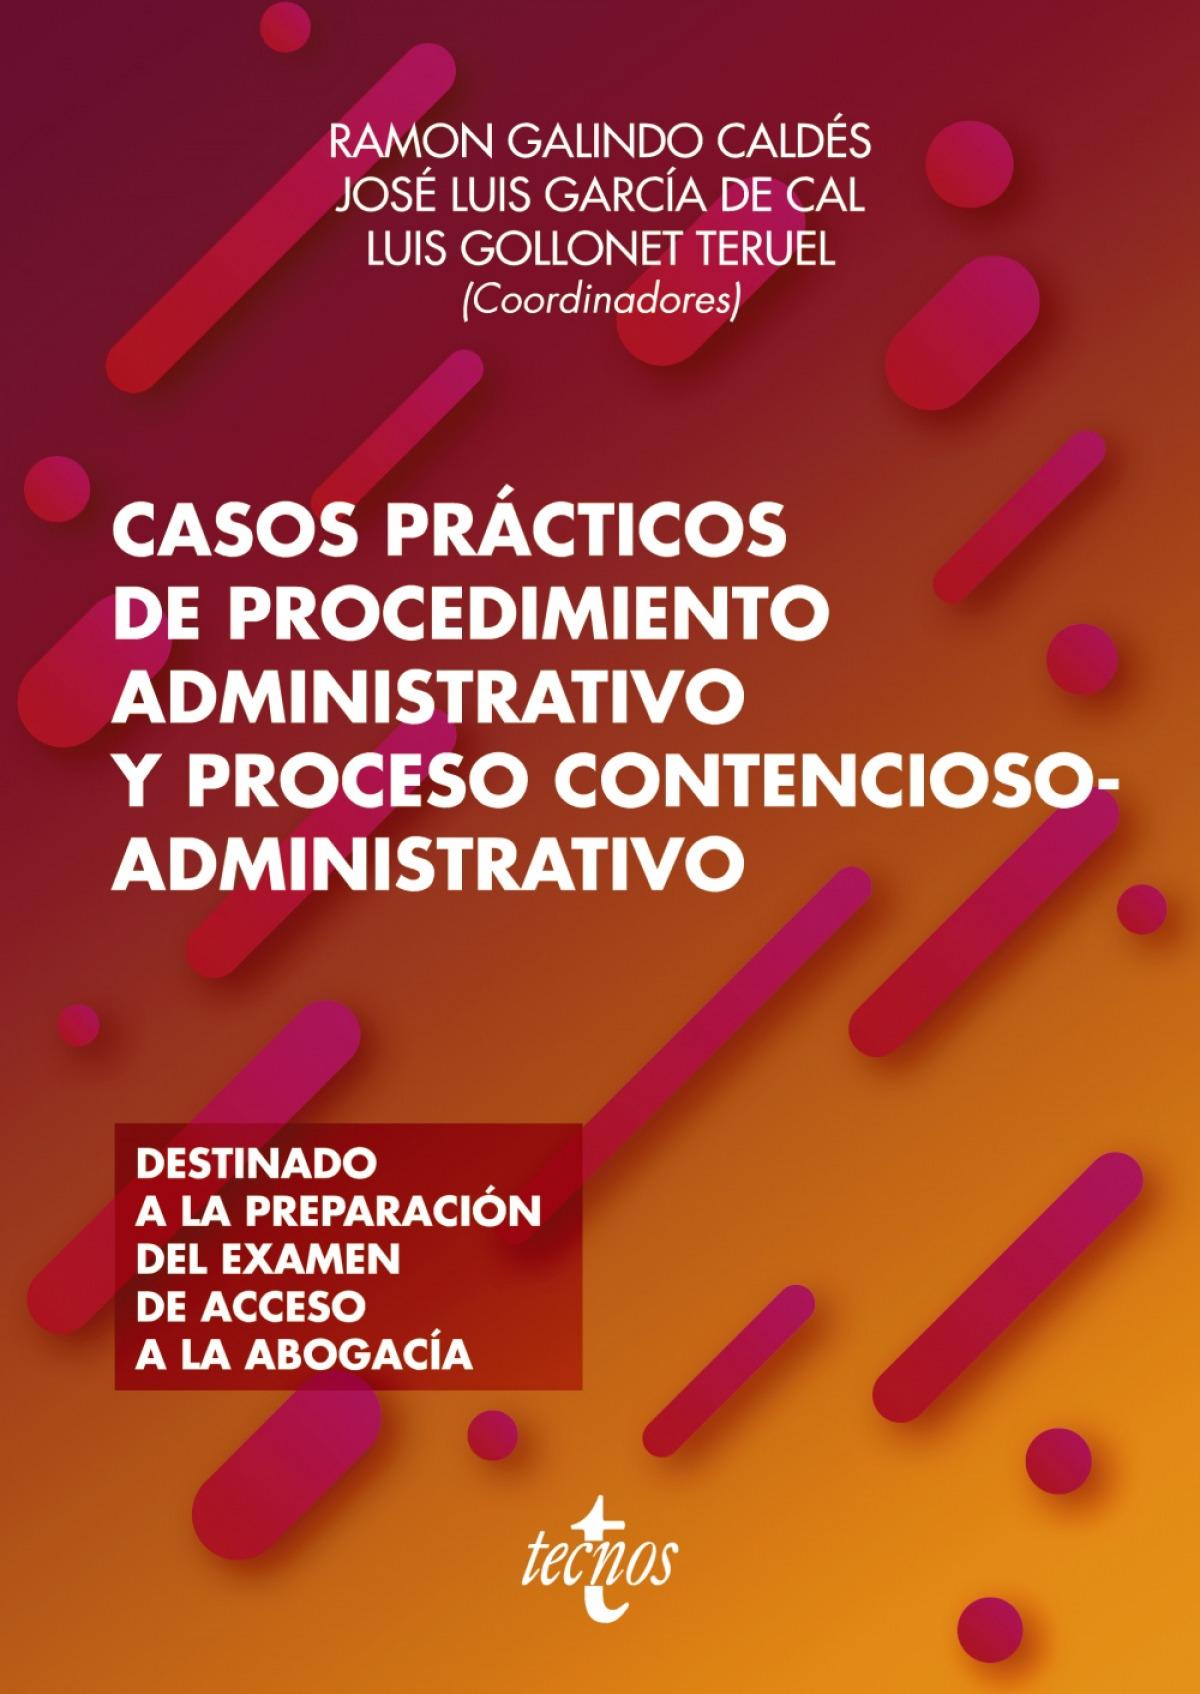 Casos prácticos de procedimiento administrativo y proceso contencioso-administrativo